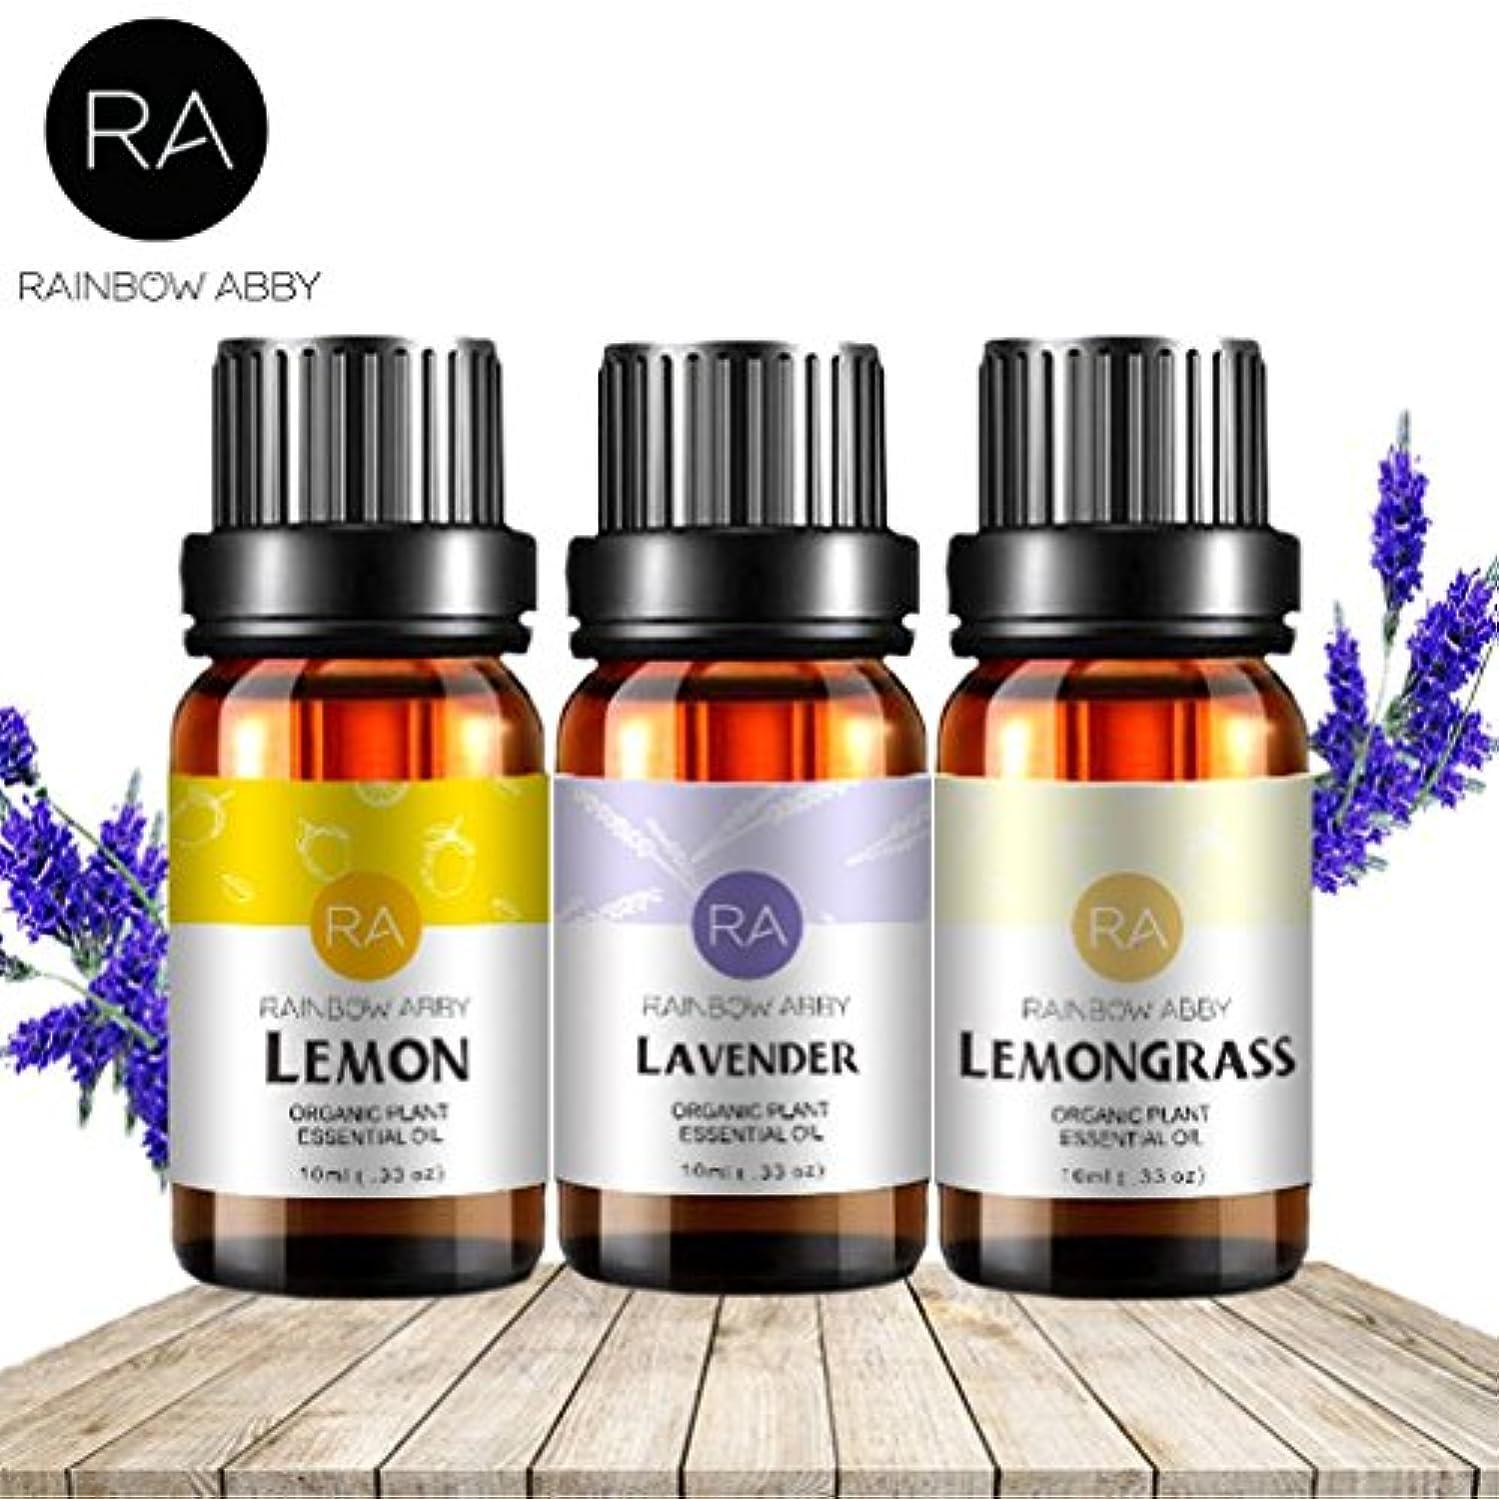 RAINBOW ABBY ラベンダー レモン レモングラス エッセンシャル オイル 10ML 純粋な 天然 アロマセラピー オイル 治療用 グレード、バリュー3パック